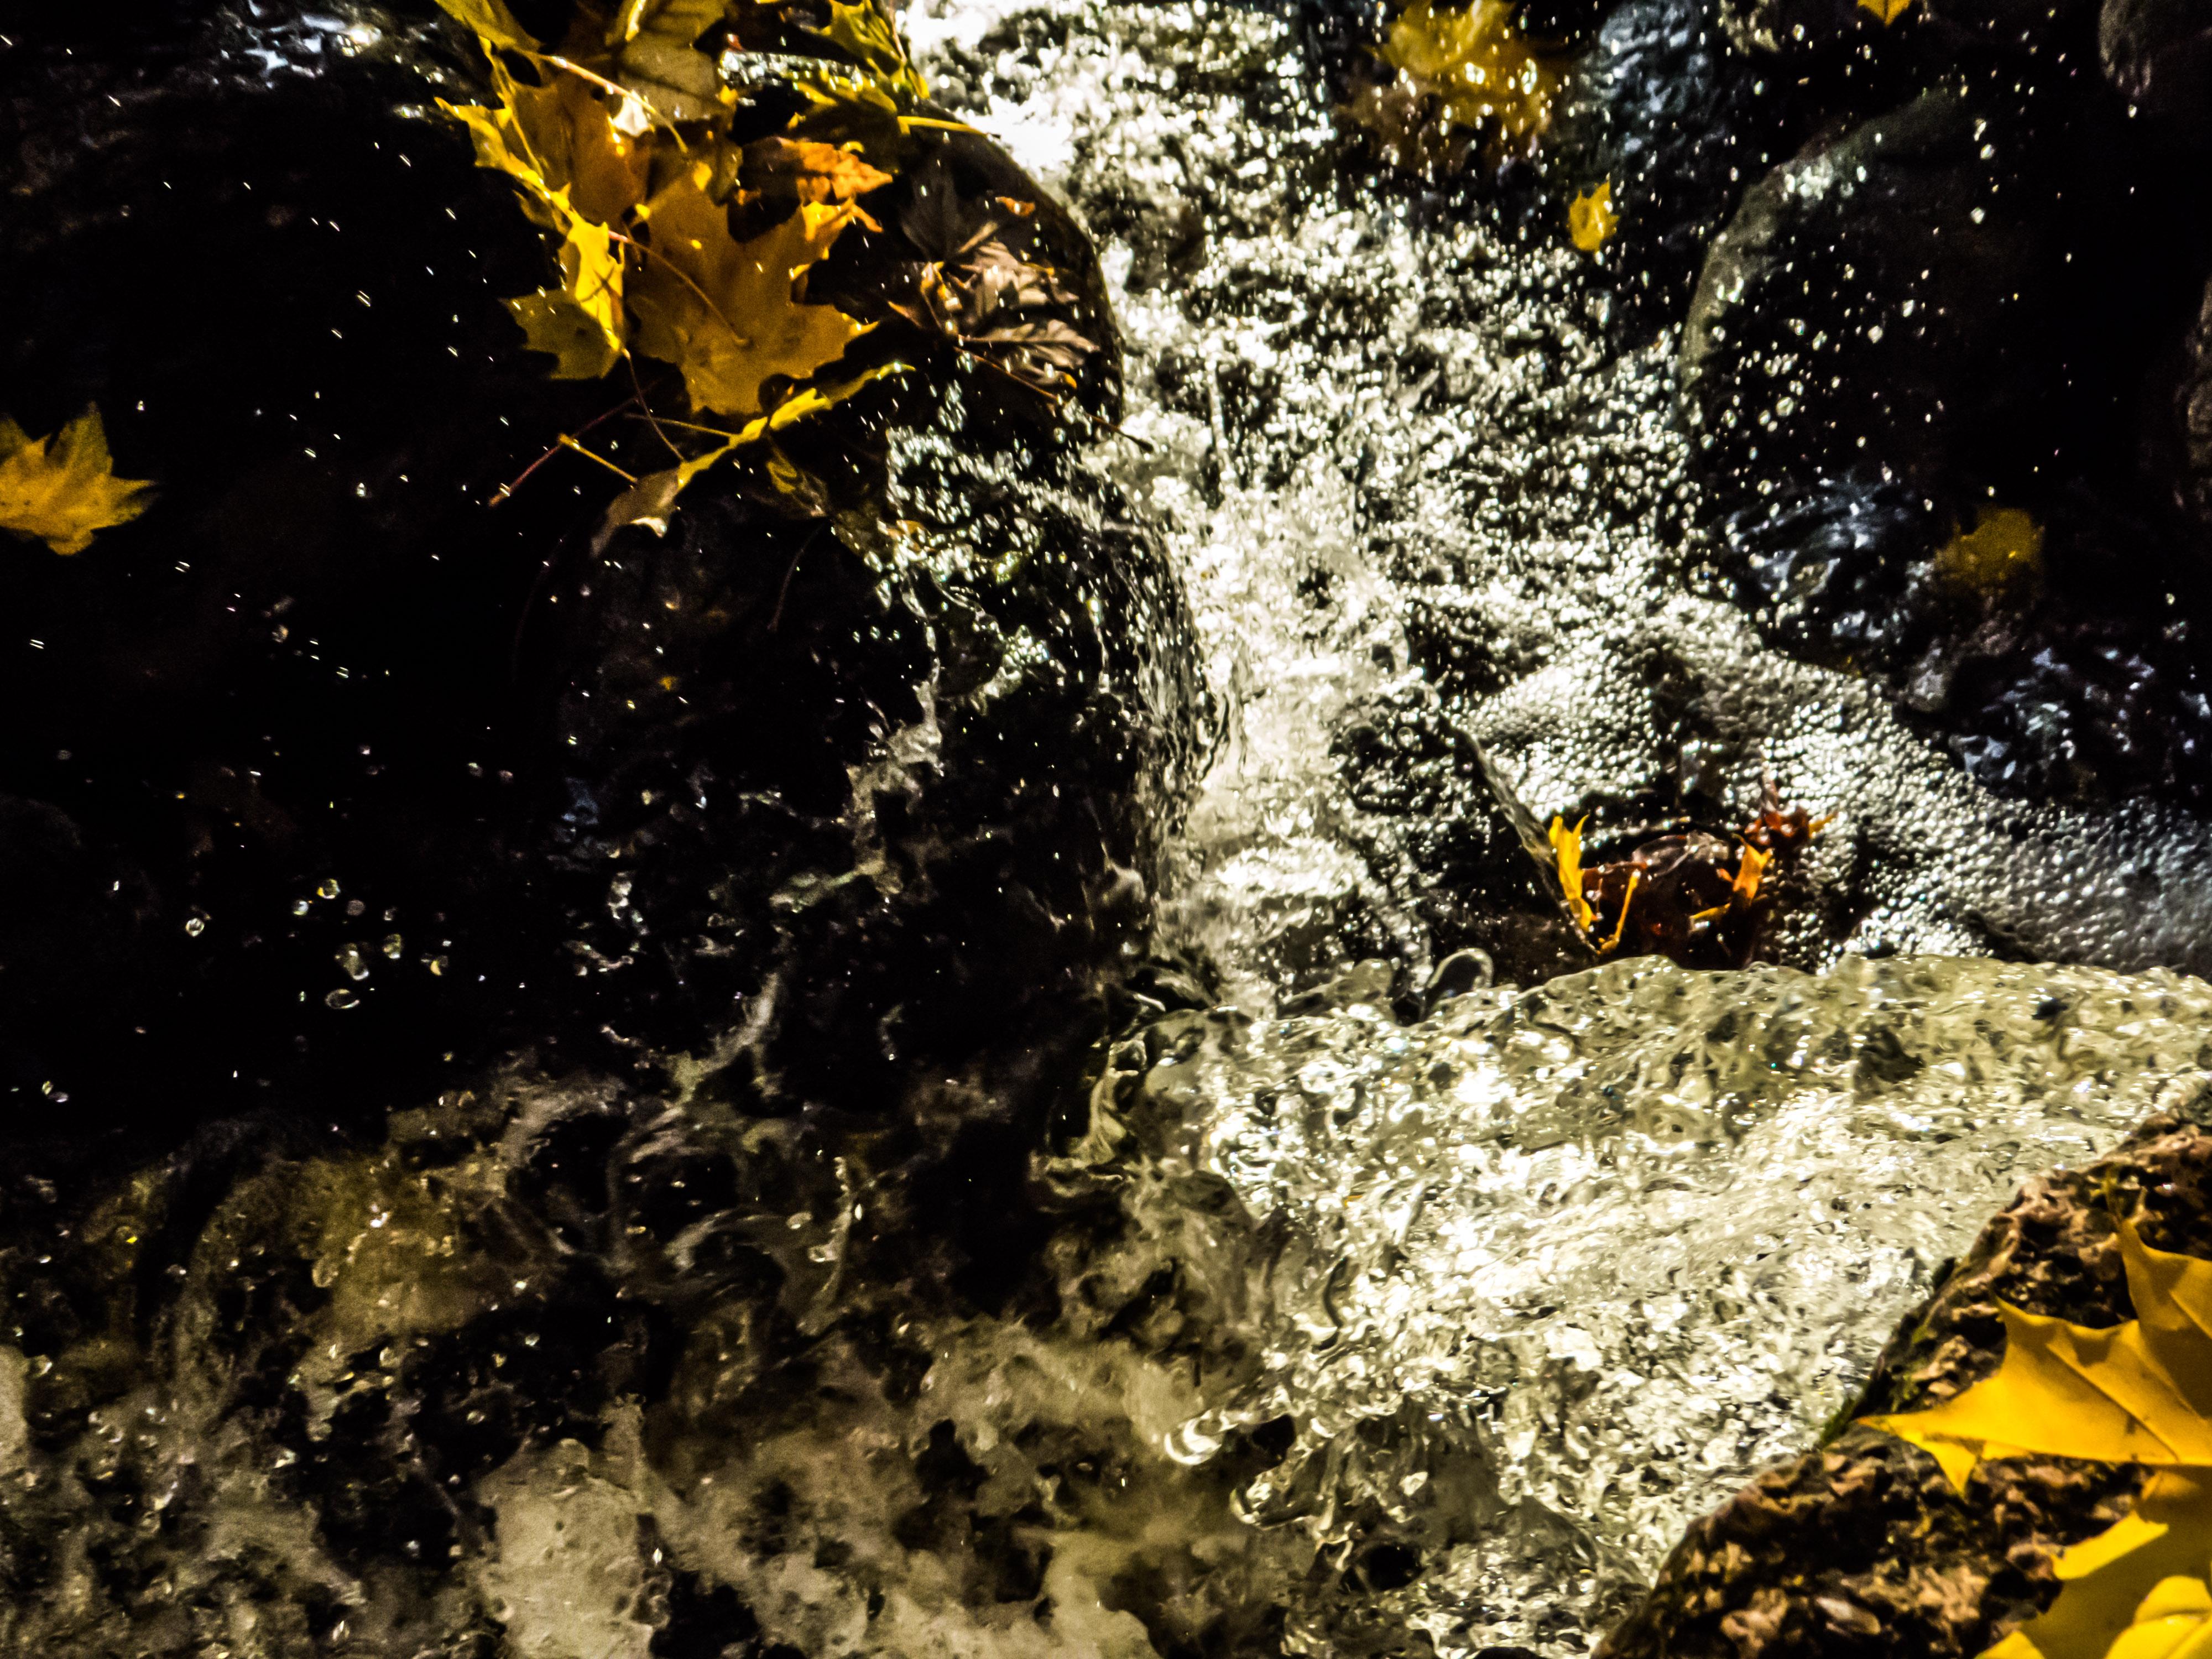 Autumn beauty, Autumn, Water, Vivid, Trees, HQ Photo